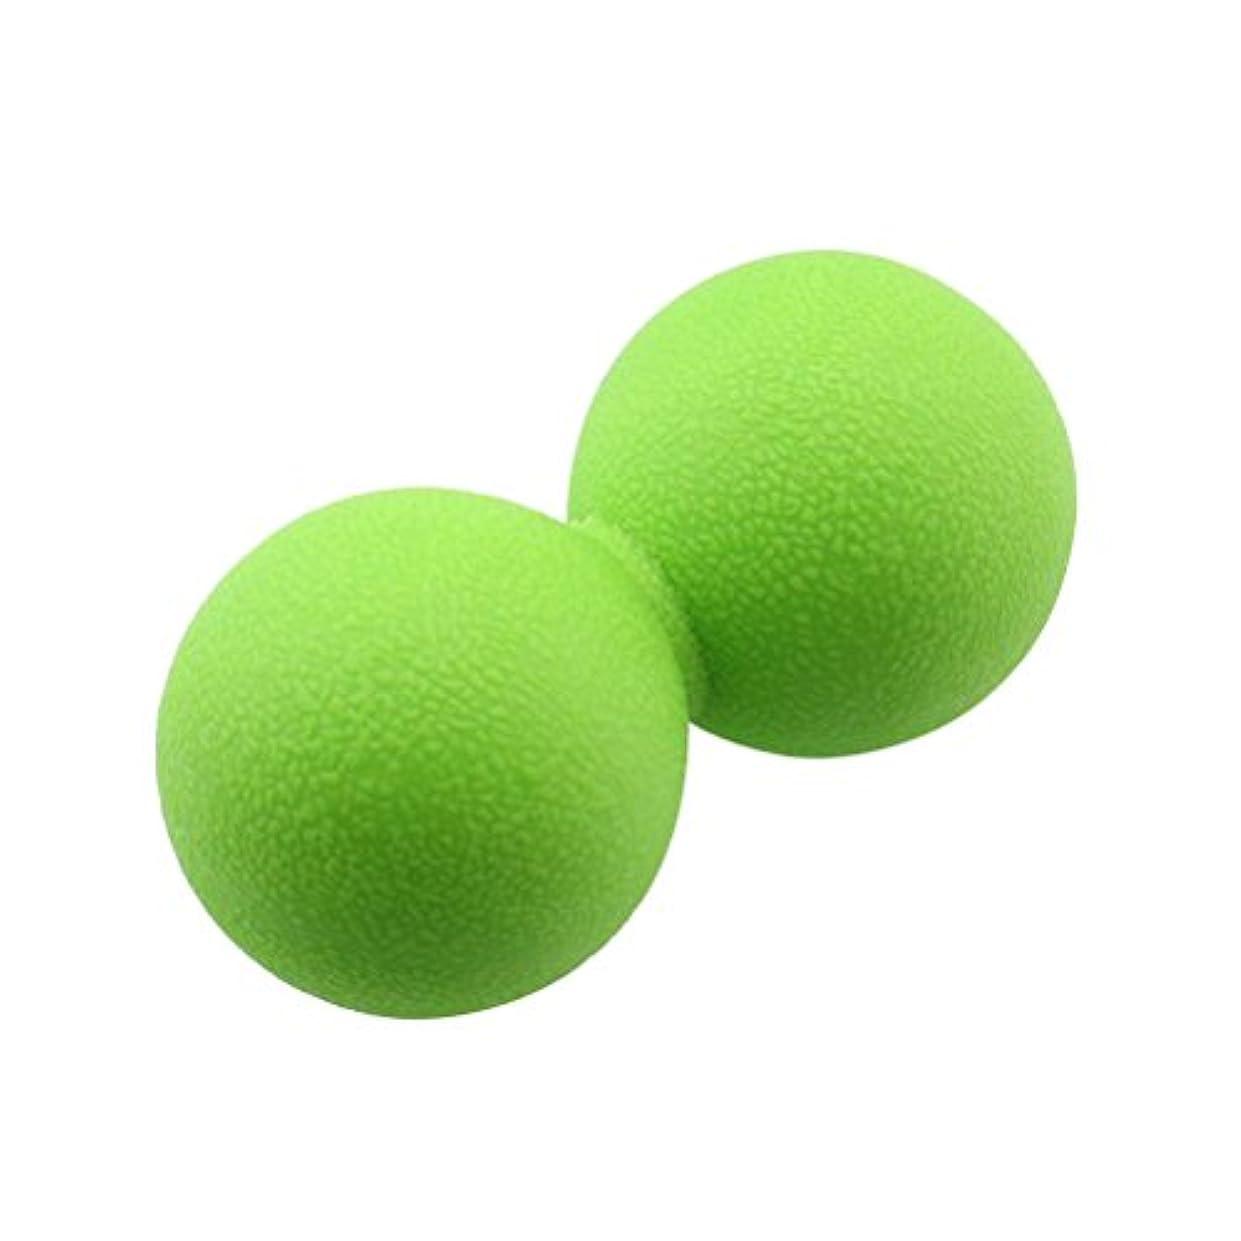 遅れの量チーズVORCOOL マッサージボール ストレッチボール ハードタイプ トリガーポイント トレーニング 背中 肩こり 腰 ふくらはぎ 足裏 ツボ押しグッズ スーパーハードタイプ 筋肉痛を改善 運動前後(緑)